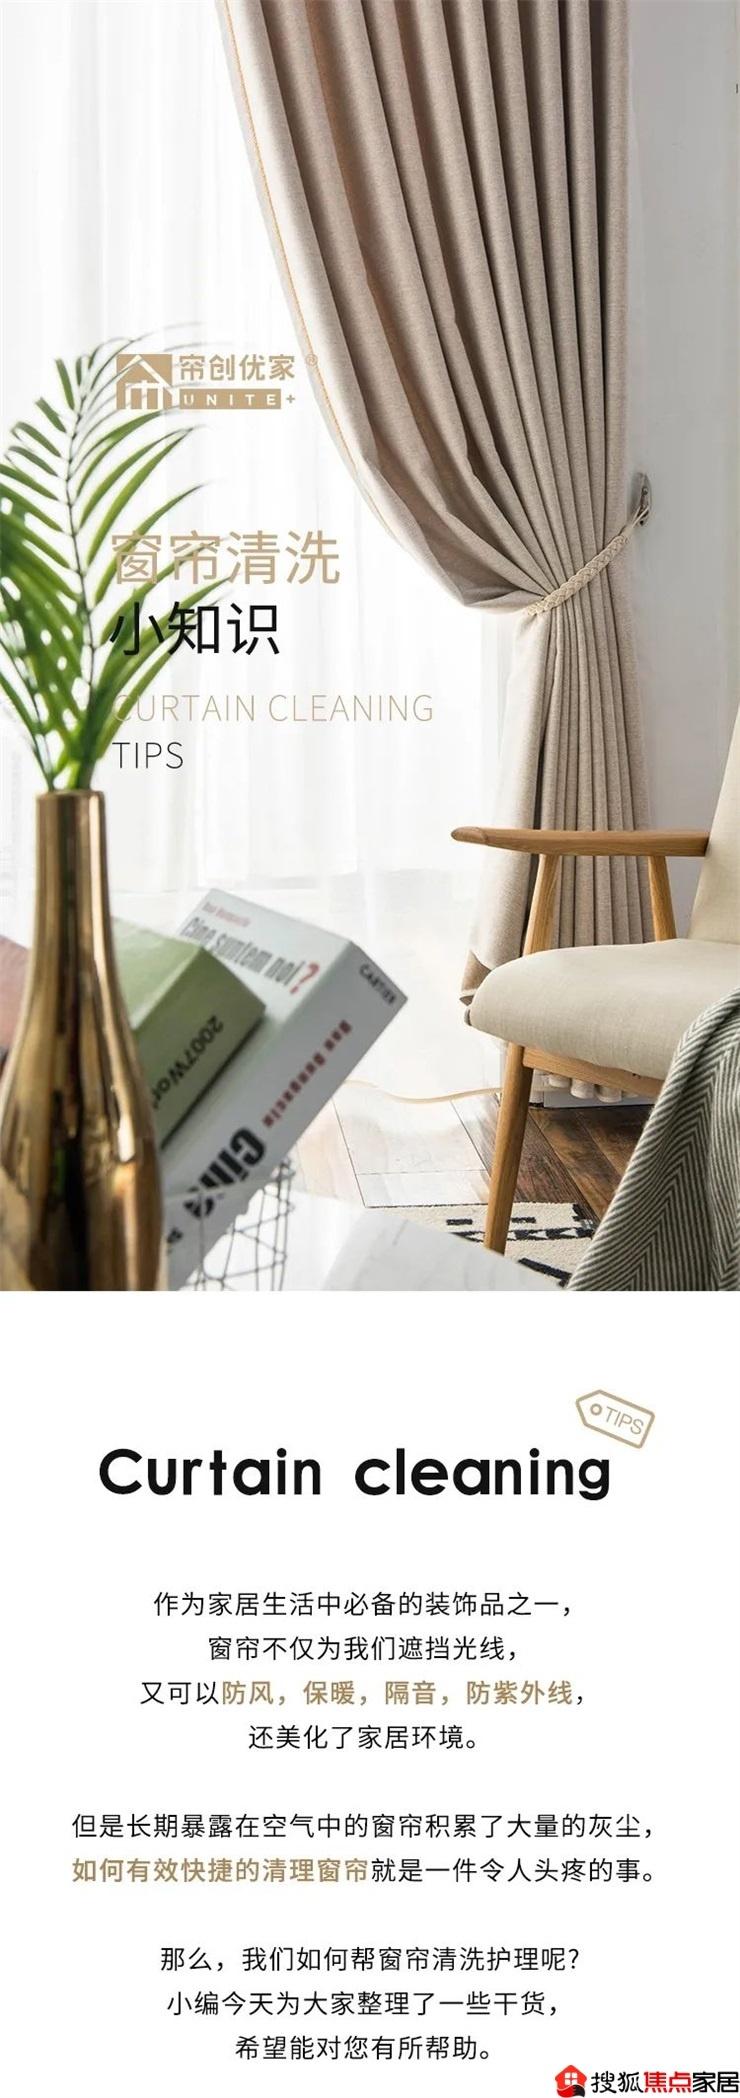 帘创优家|洗窗帘·过新年,这些技能你get到了吗